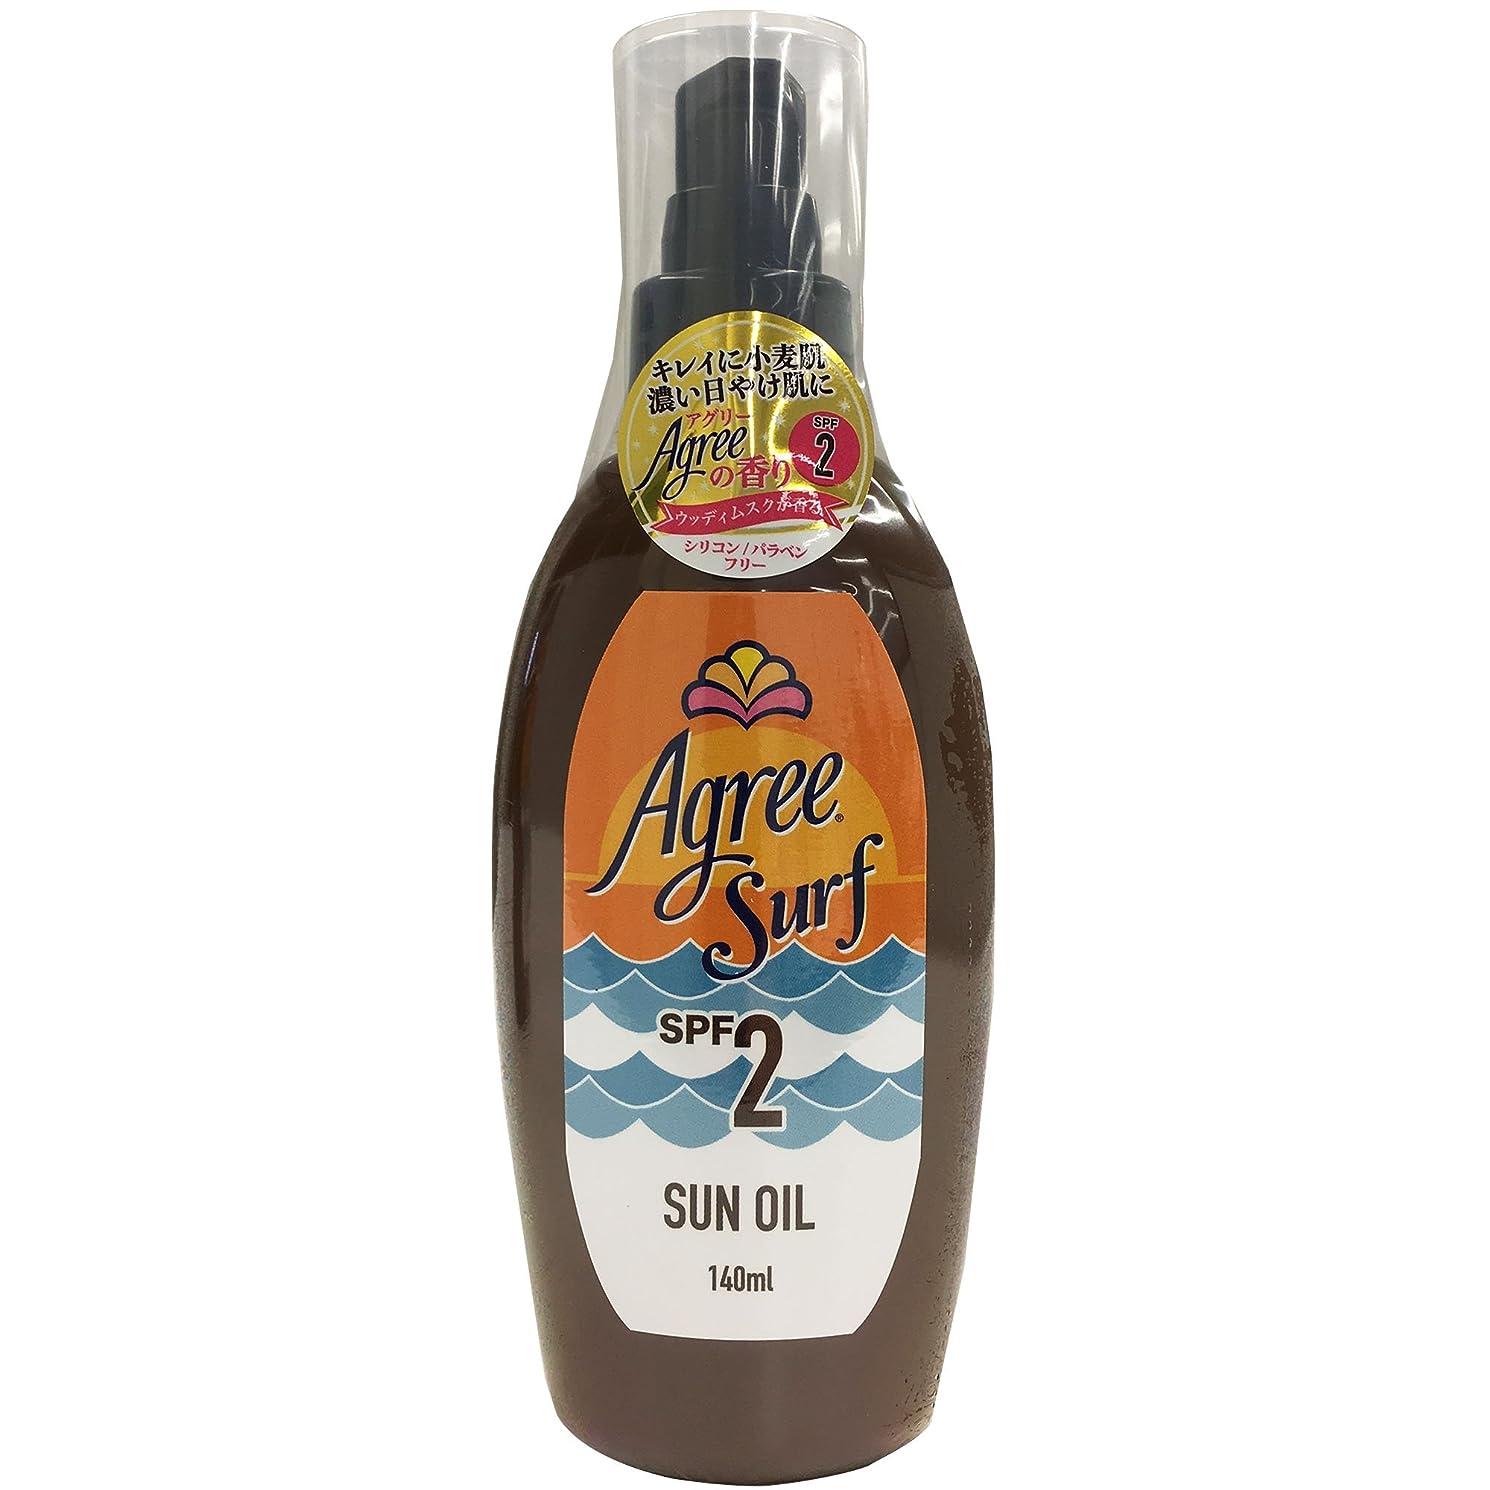 感謝祭トムオードリース変わるアグリー サーフ サンオイル ウッディムスクの香り SPF2 (140mL)